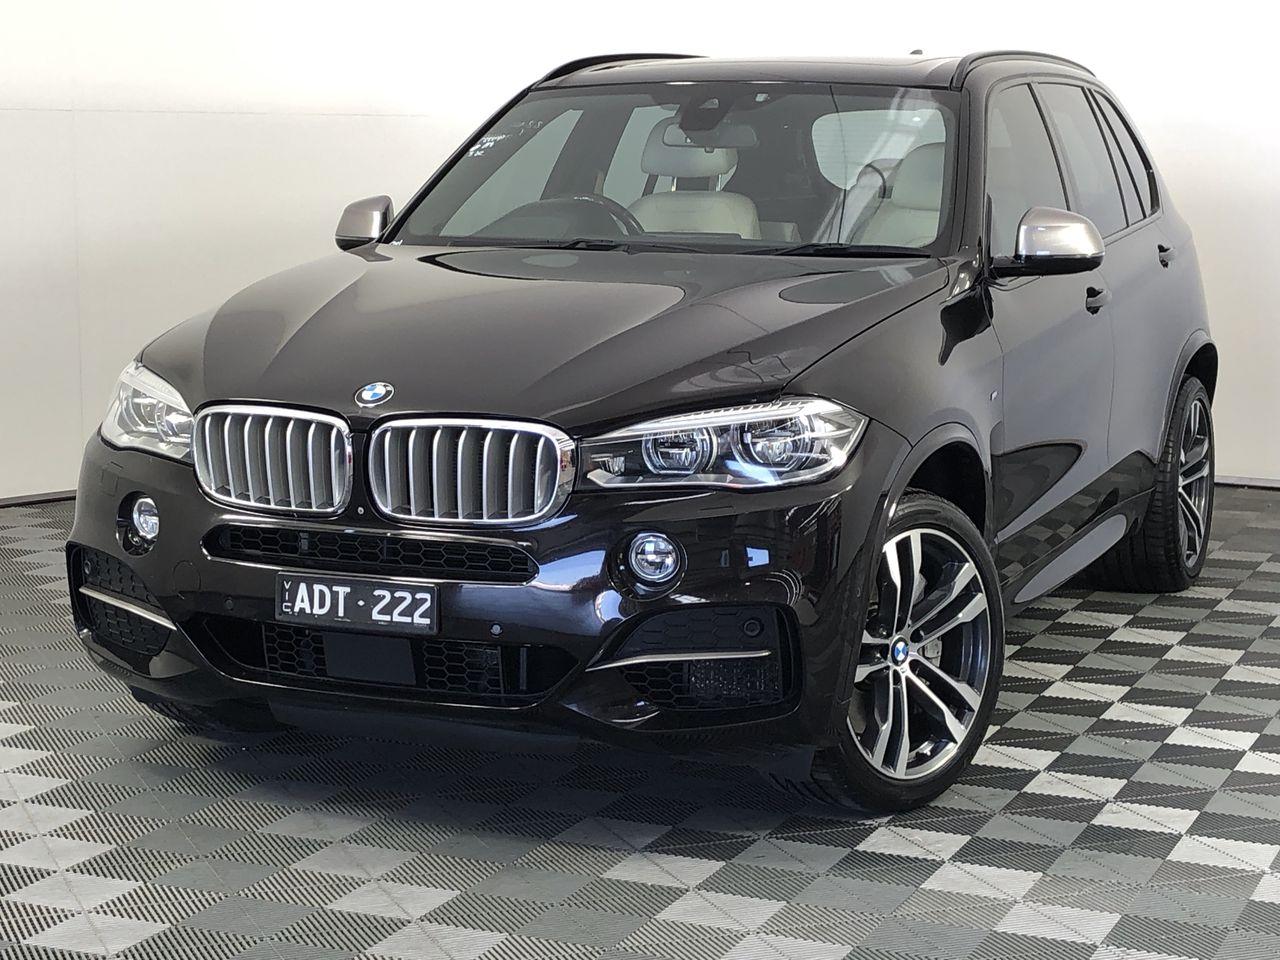 2015 BMW X5 M50d F15 Turbo Diesel Automatic - 8 Speed 7 Seats Wagon